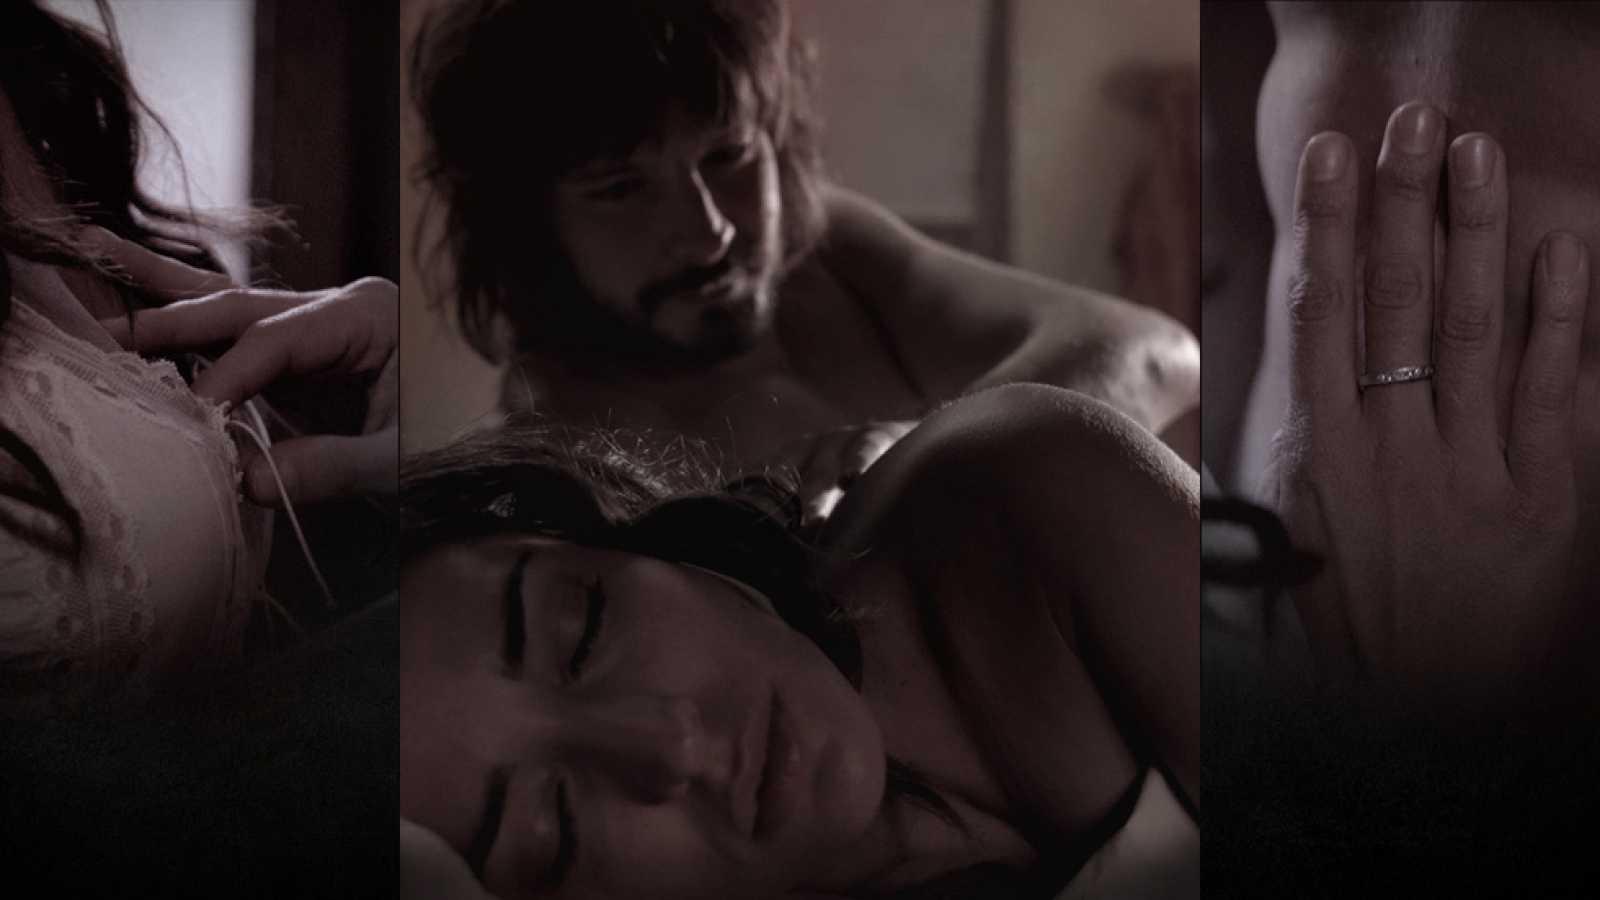 Águila Roja - La noche de sexo de Gonzalo y Margarita